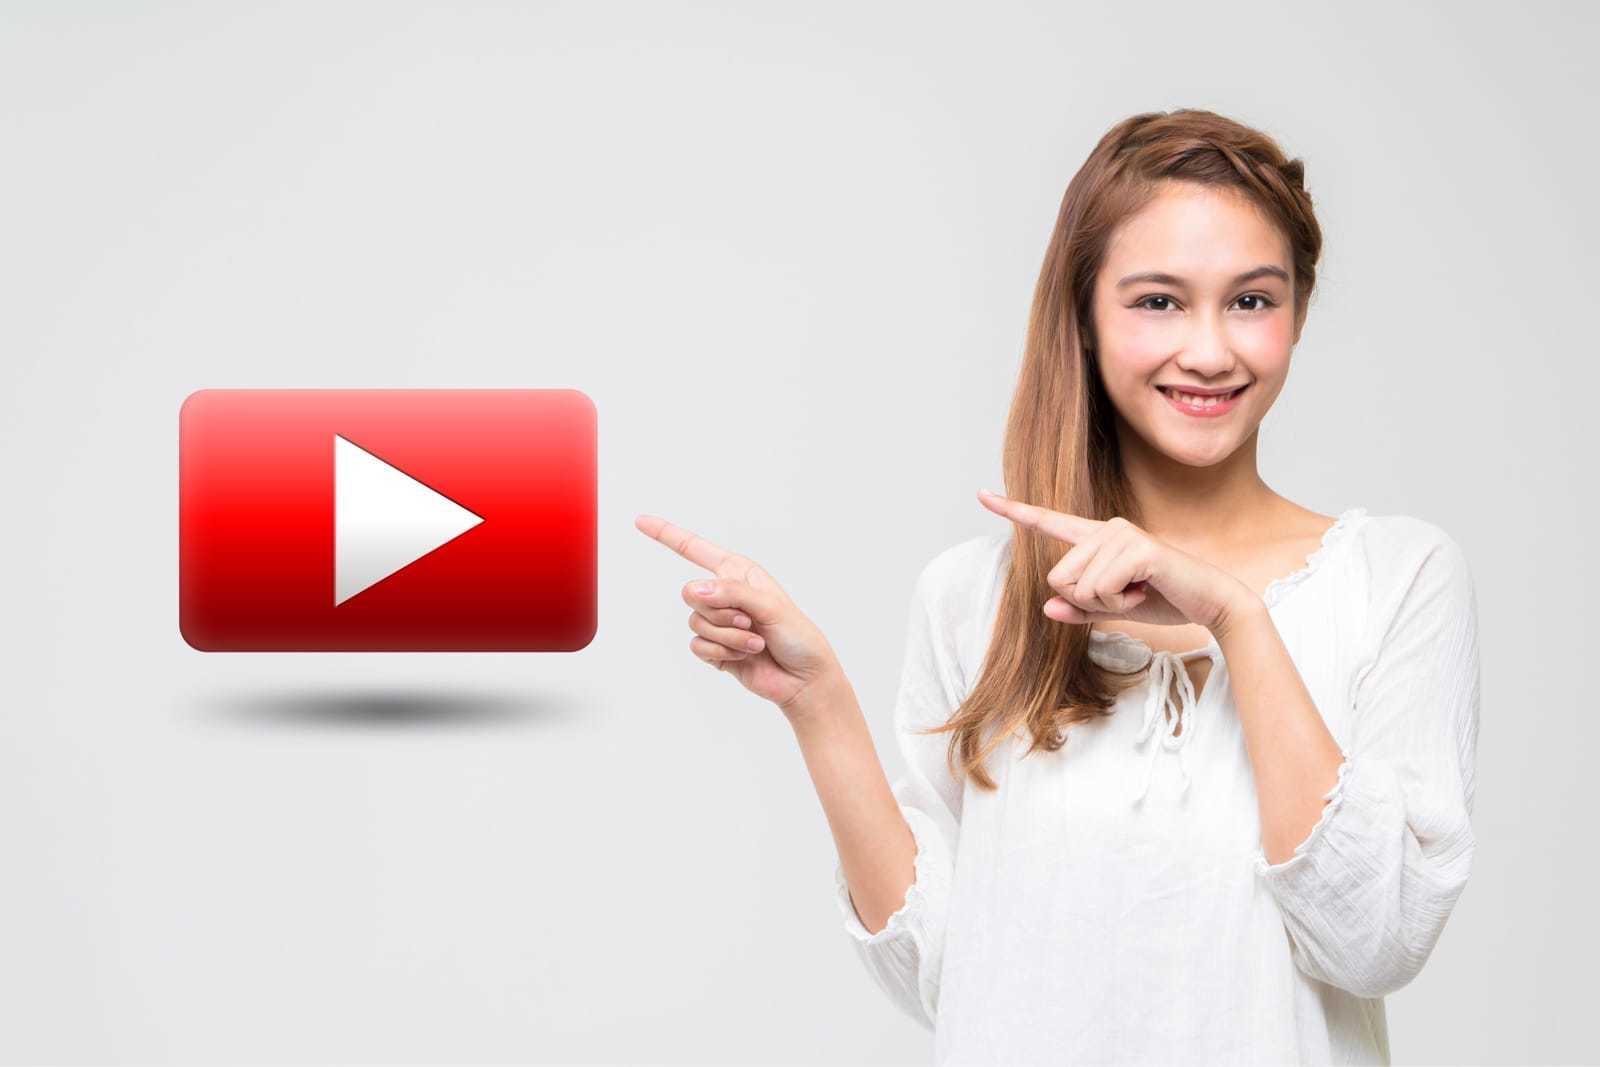 動画再生ボタンを指差す女性